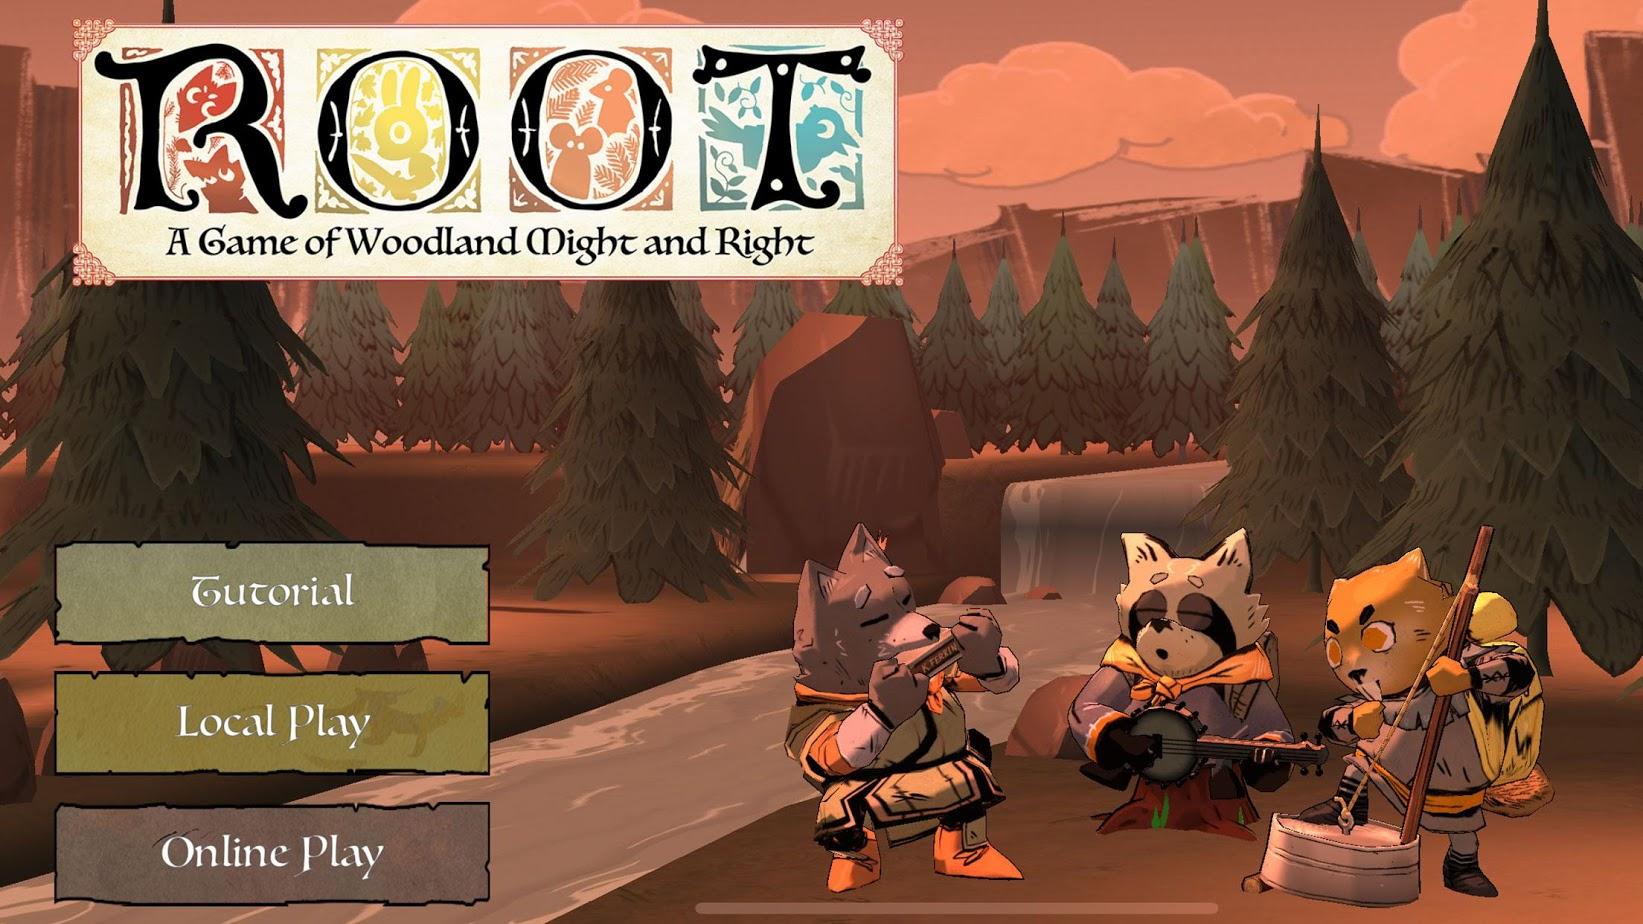 صورة لعبة Root Board Game الرائعة متوفّرة الآن على أندرويد و iOS